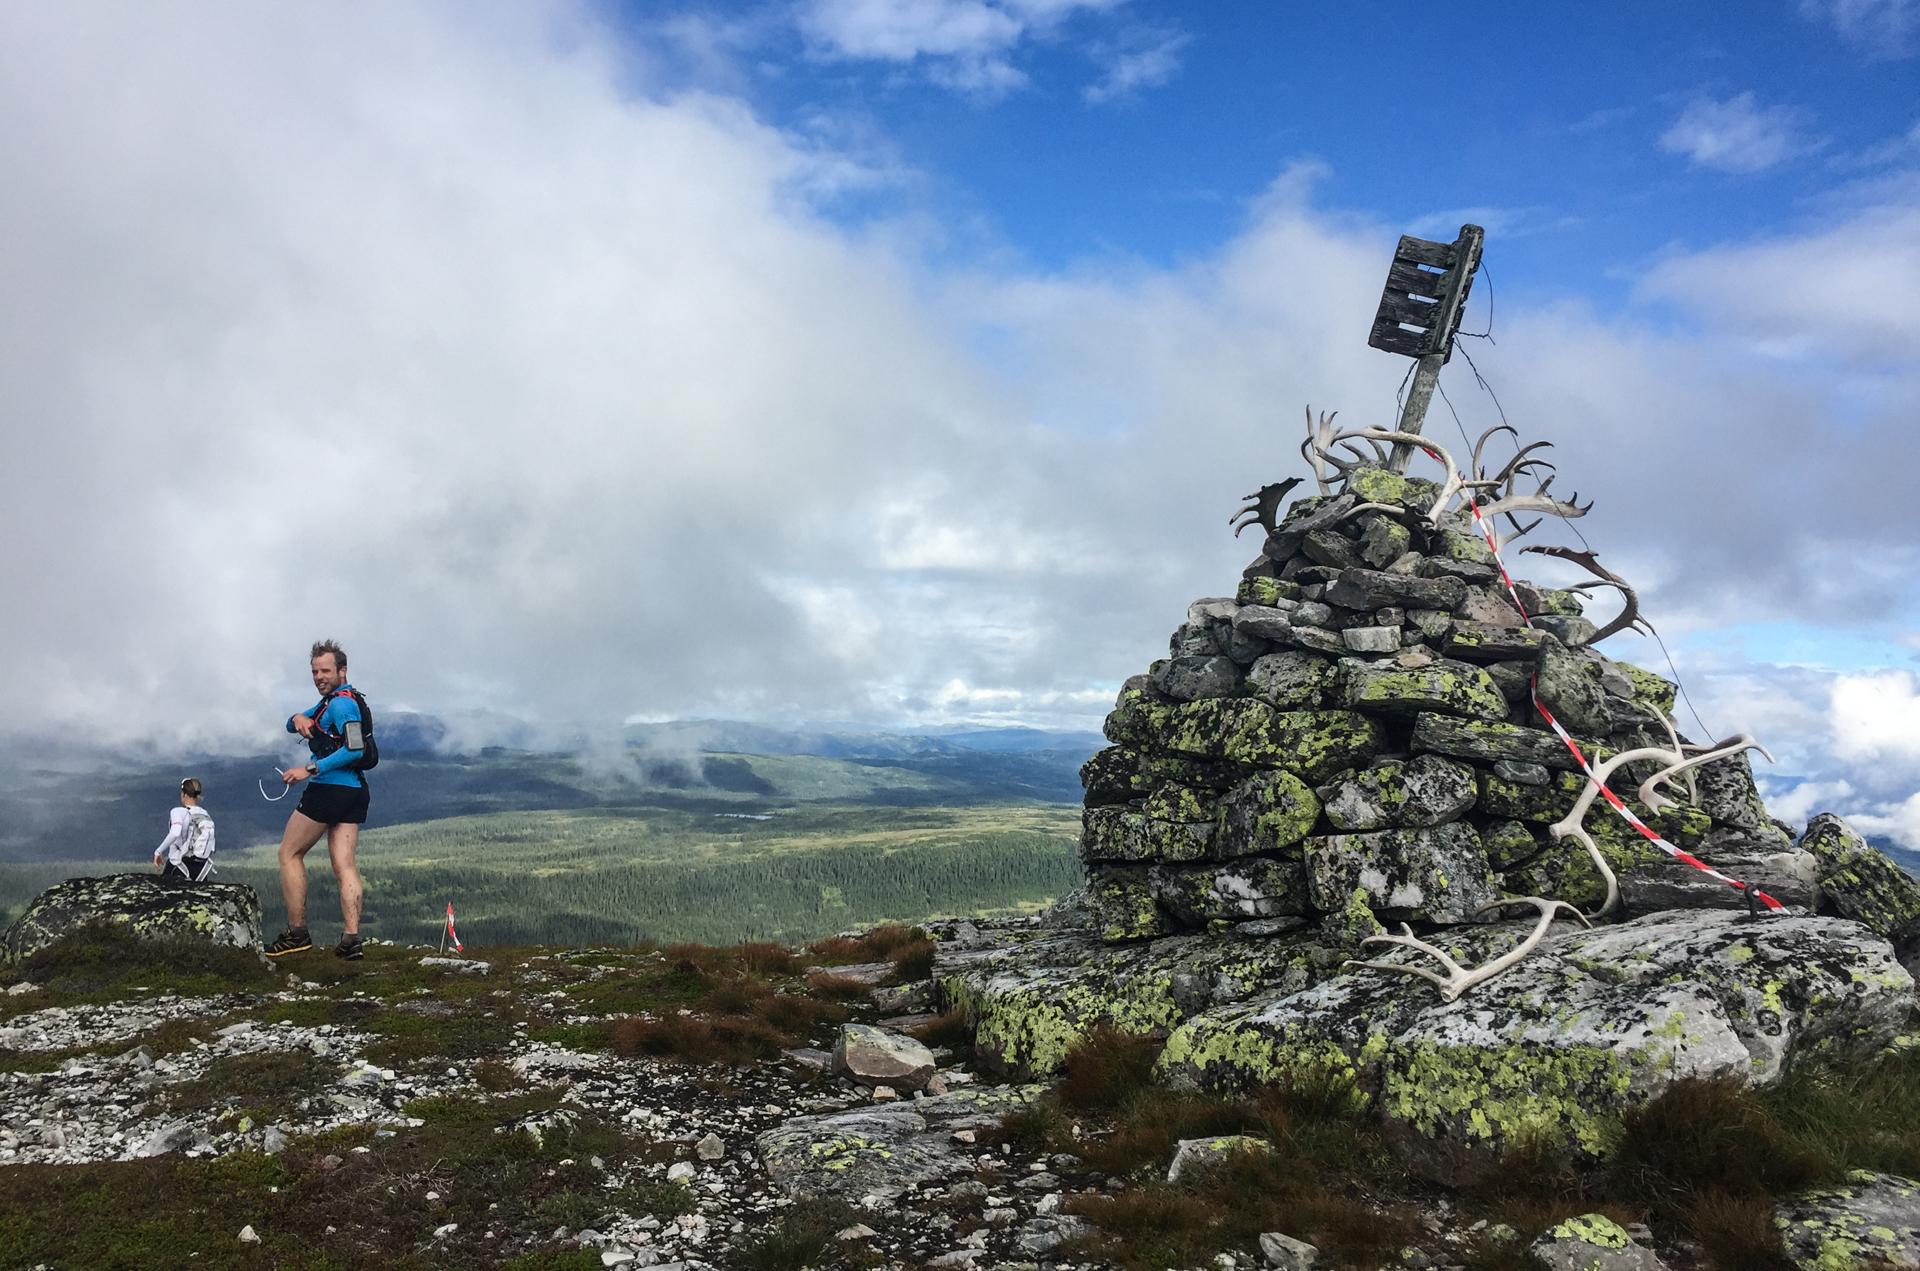 Første toppen er Blenuten på 1213 moh. Er det ikke gevir fra reinsdyr som ligger der?- God tur videre, sier Roar foran meg. Jasså ja. Nå er det på tide å få opp farten og ikke bli løpt fra.